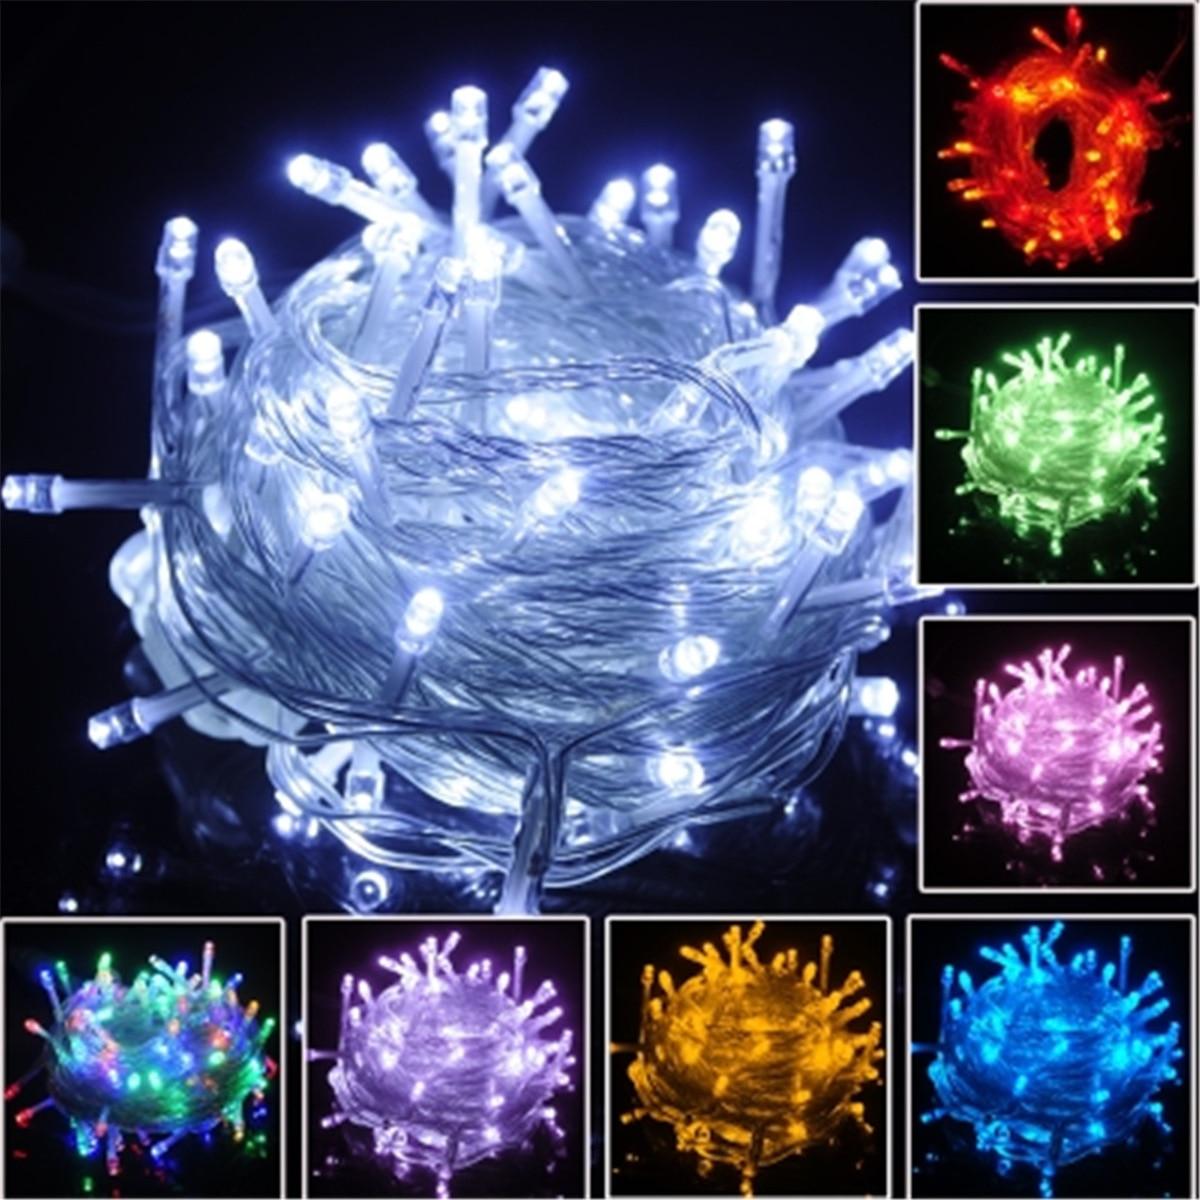 10 mt 220 v LED Licht Strap Lampe Weiß Wasserdicht Für Home Garten Weihnachten Dekoration Zubehör Decor Weihnachten Baum Ornament